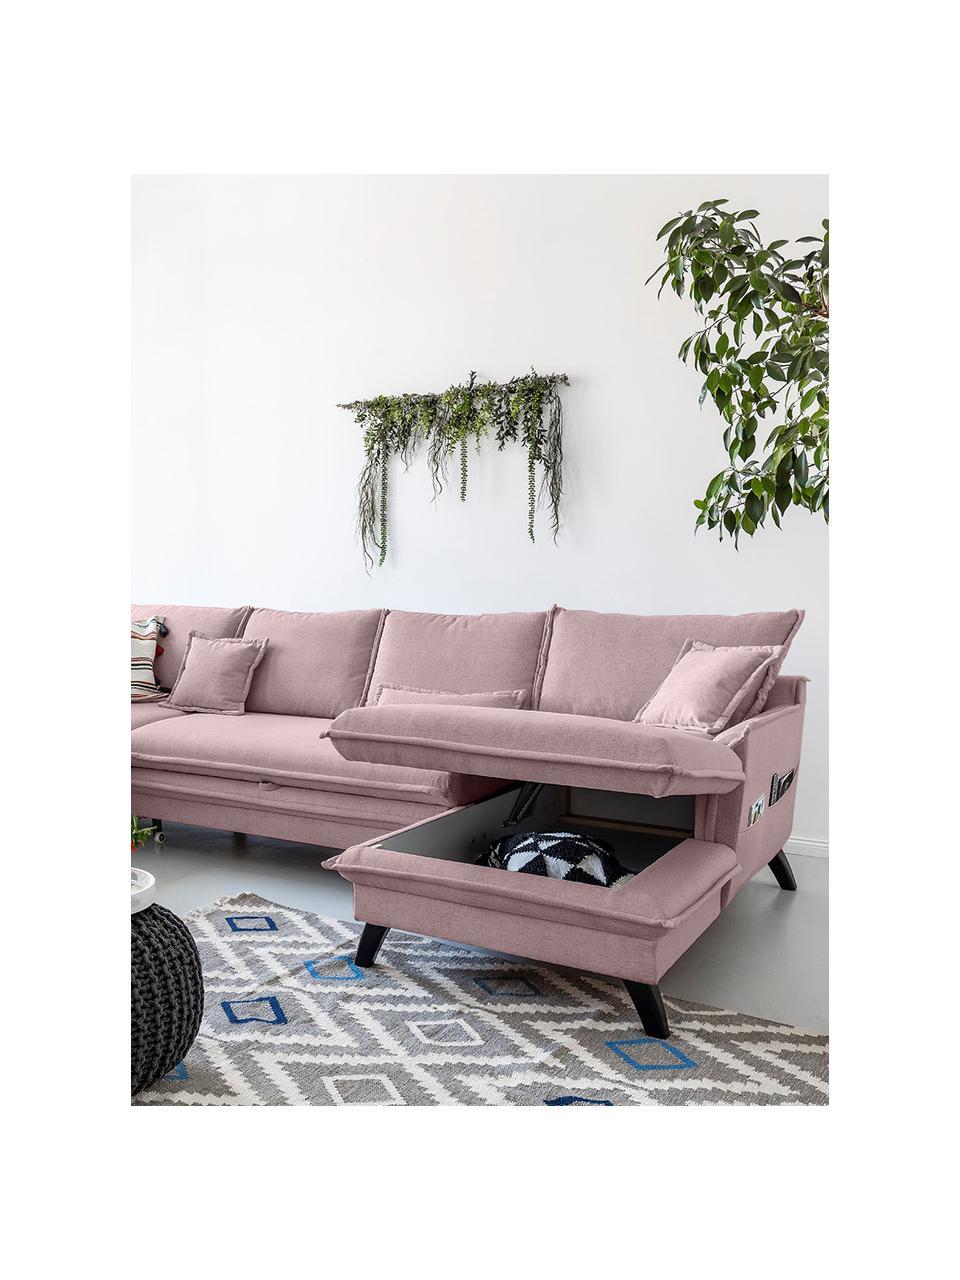 Sofa narożna z funkcją spania i miejscem do przechowywania Charming Charlie, Tapicerka: 100% poliester, w dotyku , Stelaż: drewno naturalne, płyta w, Brudny różowy, S 302 x G 200 cm